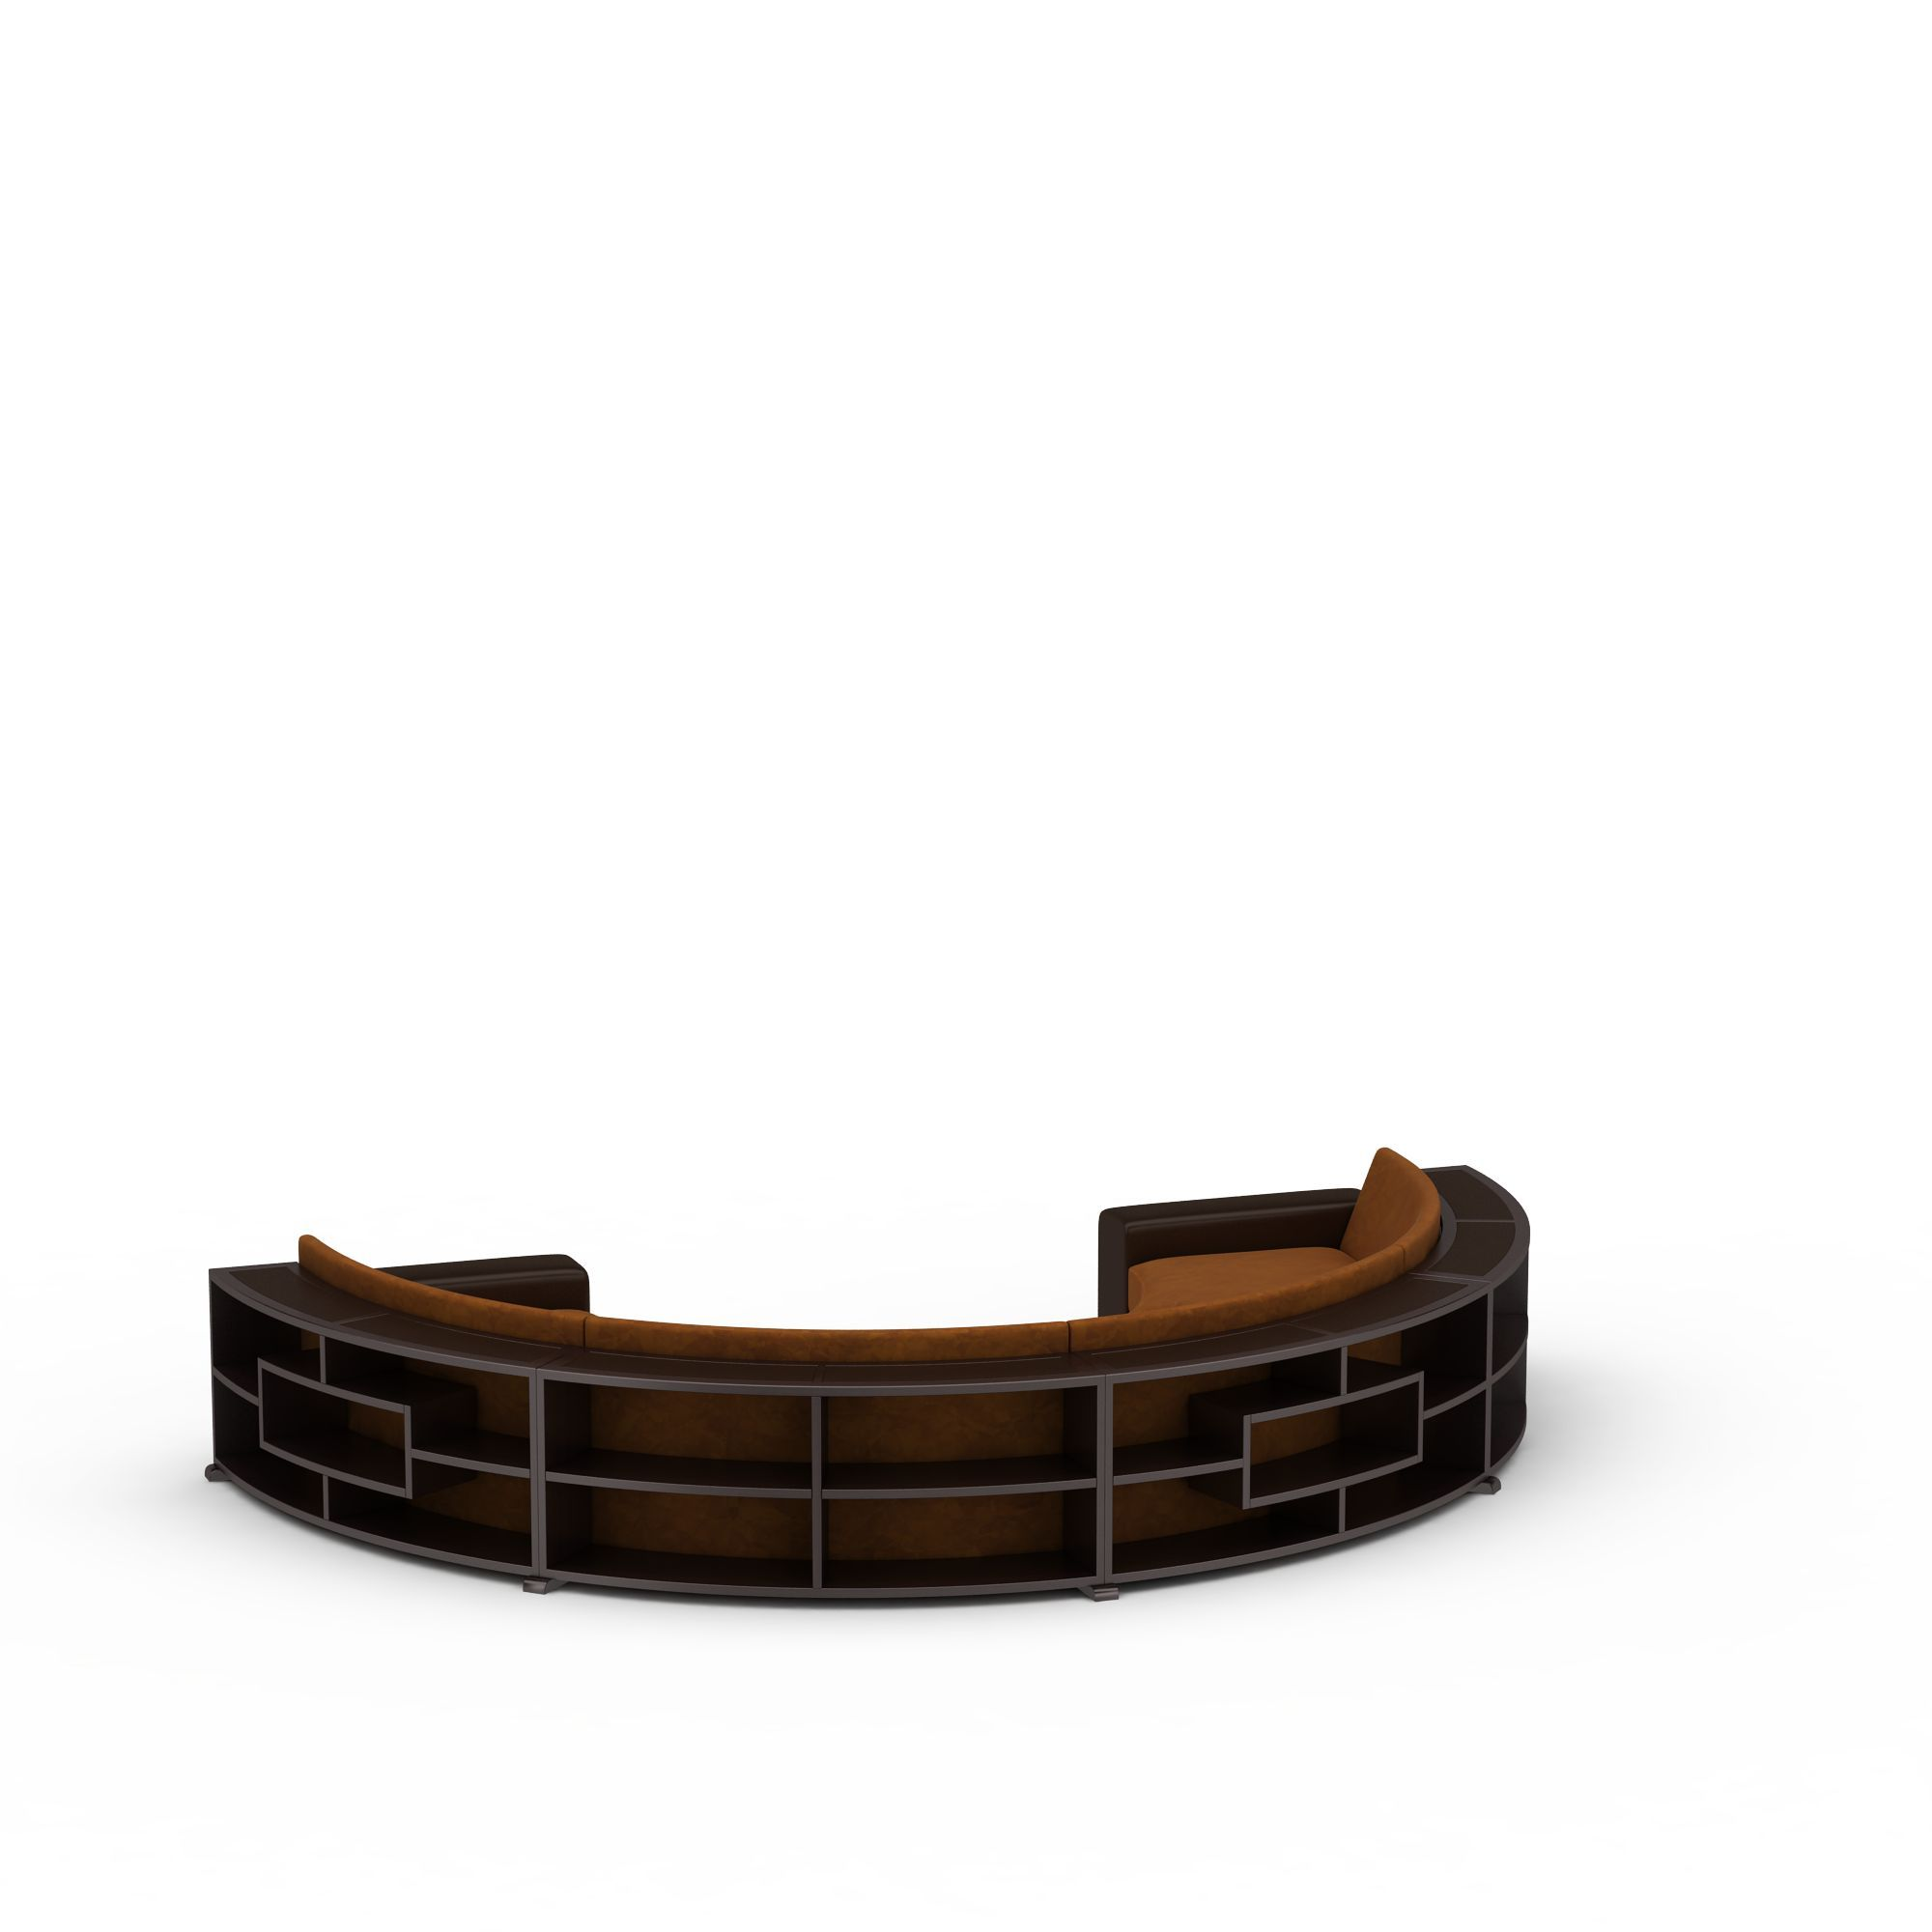 半圆弧形沙发图片_半圆弧形沙发png图片素材_半圆弧形